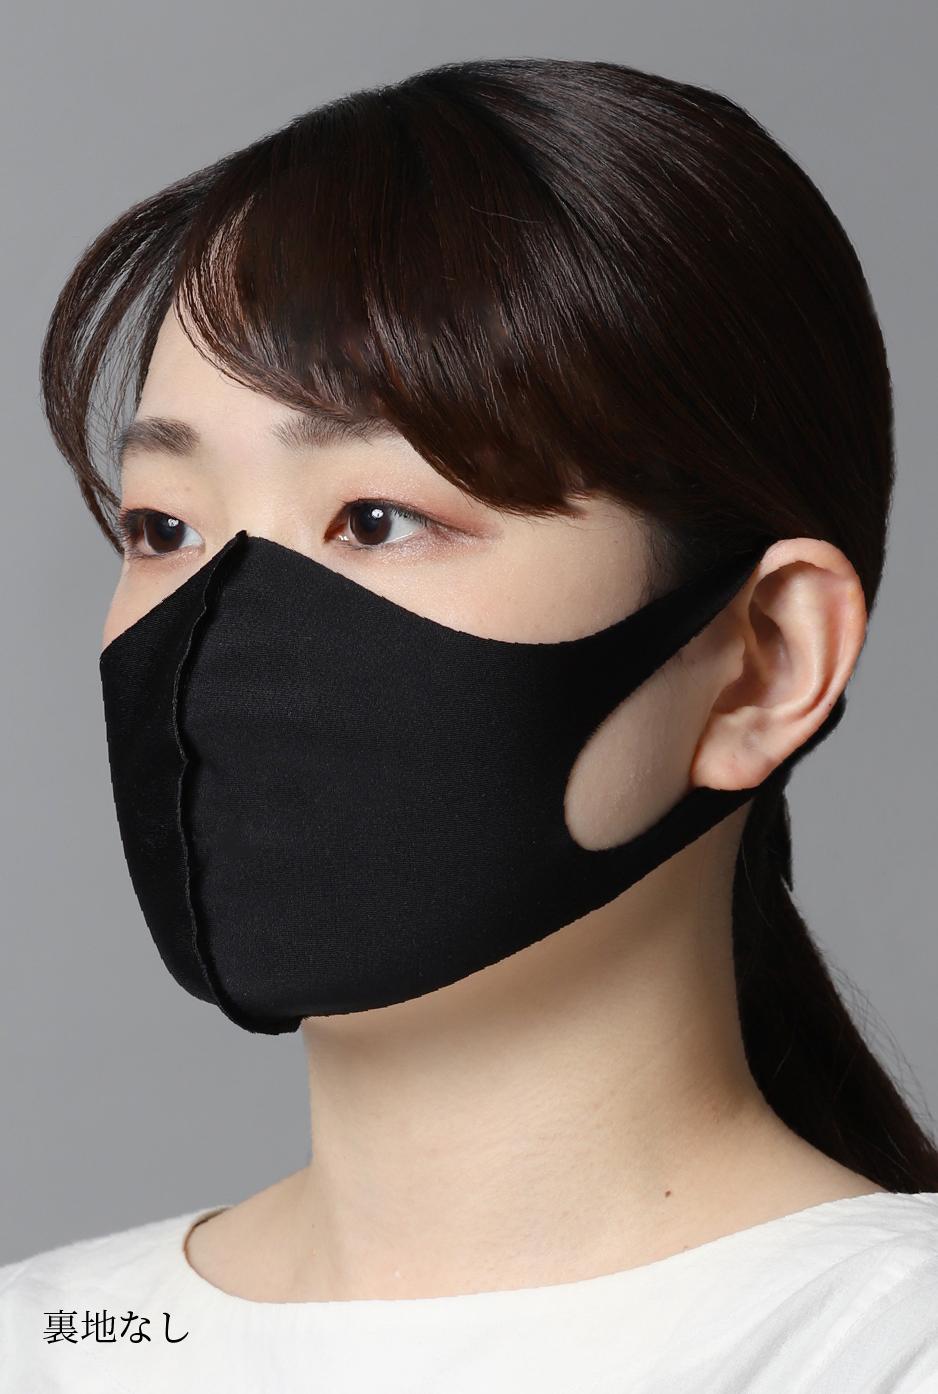 水着素材マスク(裏地無し)3枚セット